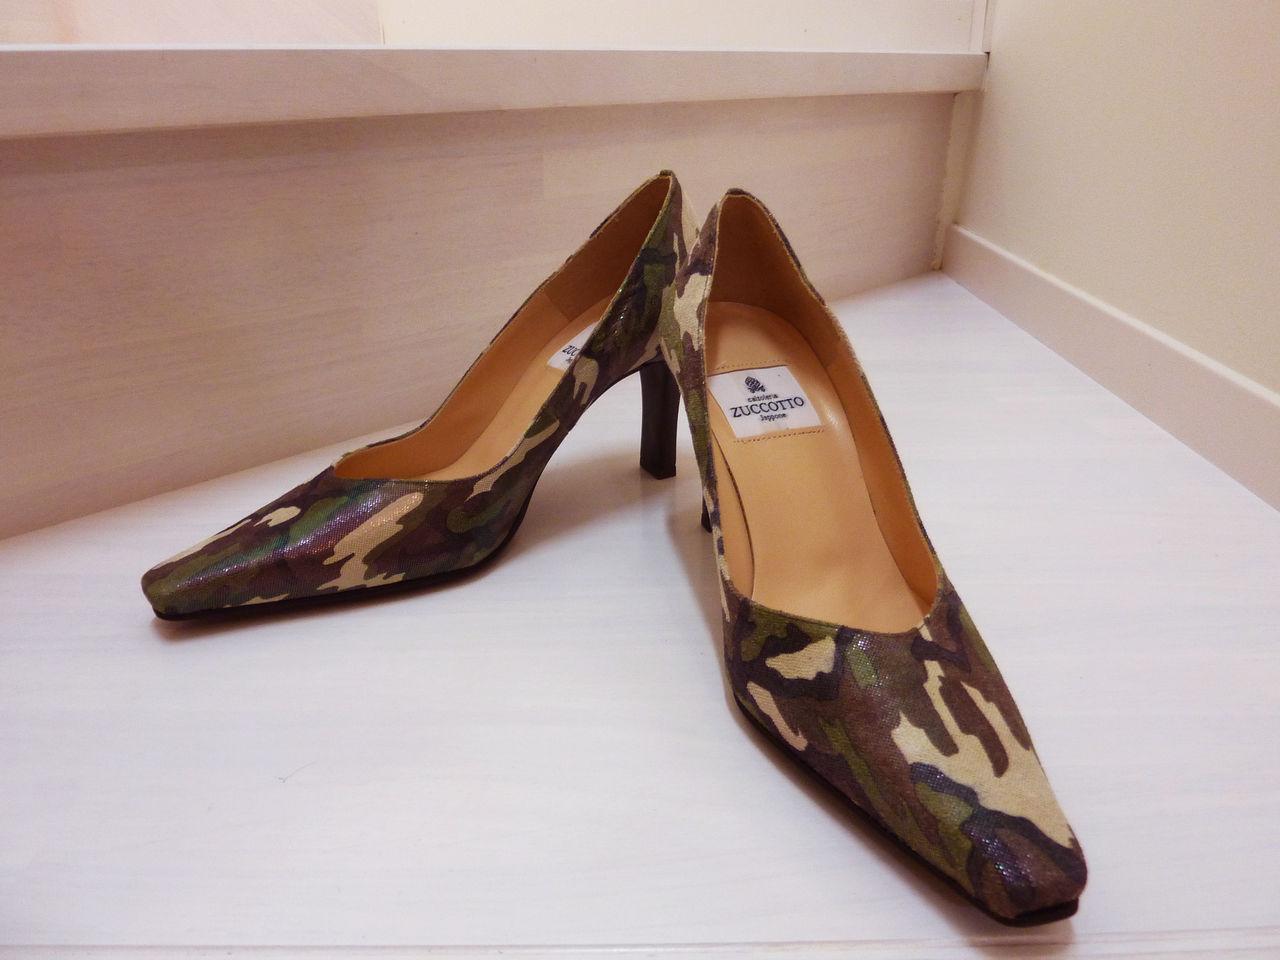 隣の工場で作られているため、靴が痛んだりした場合には同じ素材で修理をお願いすることもできます。